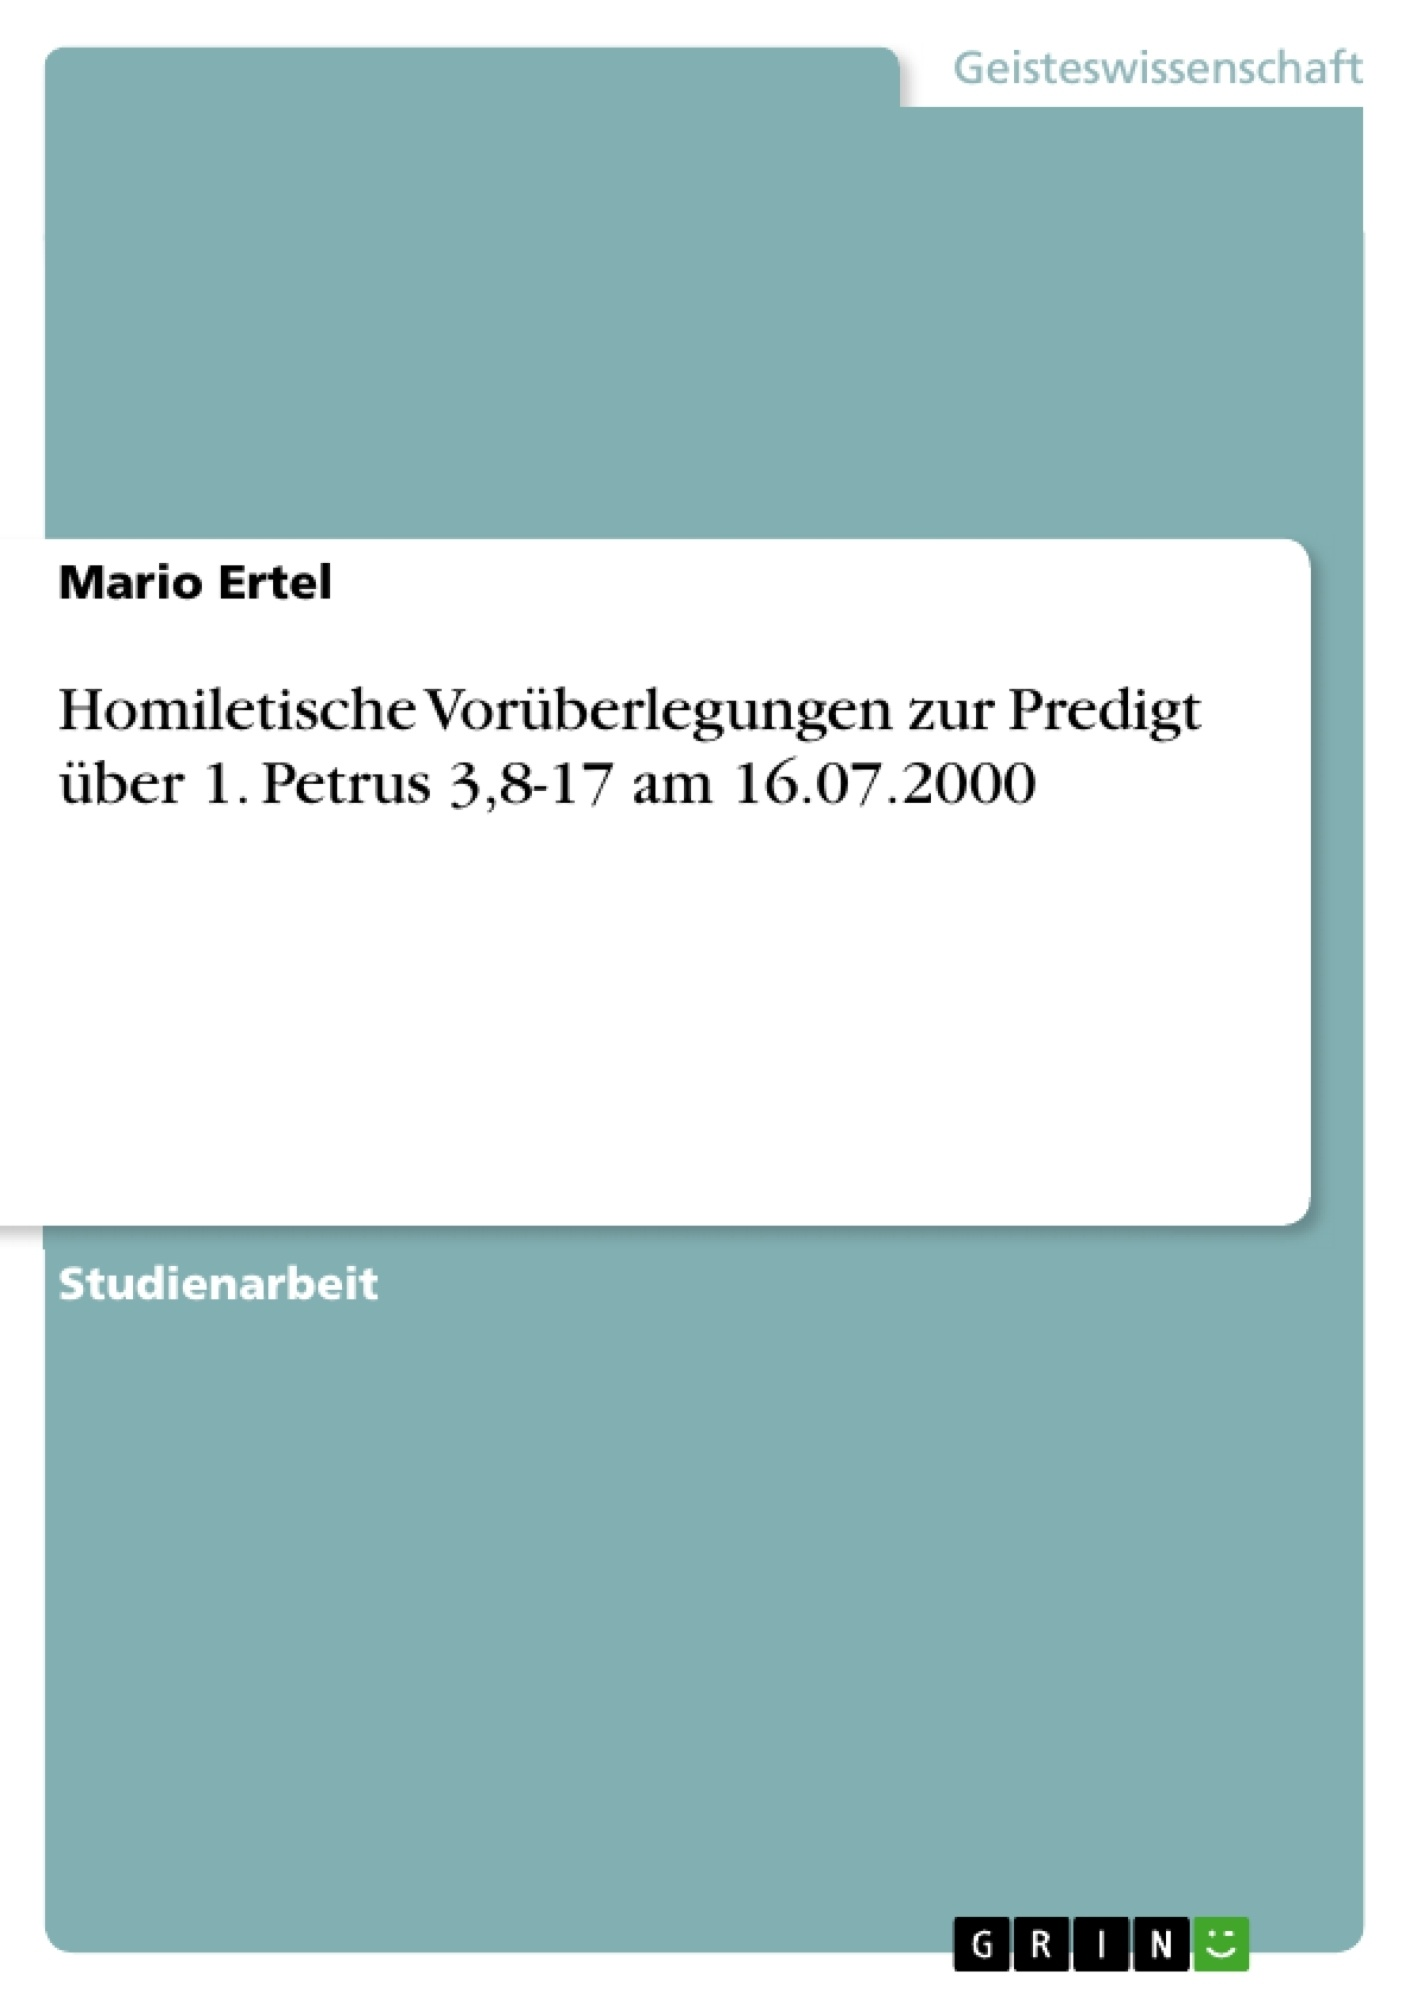 Titel: Homiletische Vorüberlegungen zur Predigt über 1. Petrus 3,8-17 am 16.07.2000